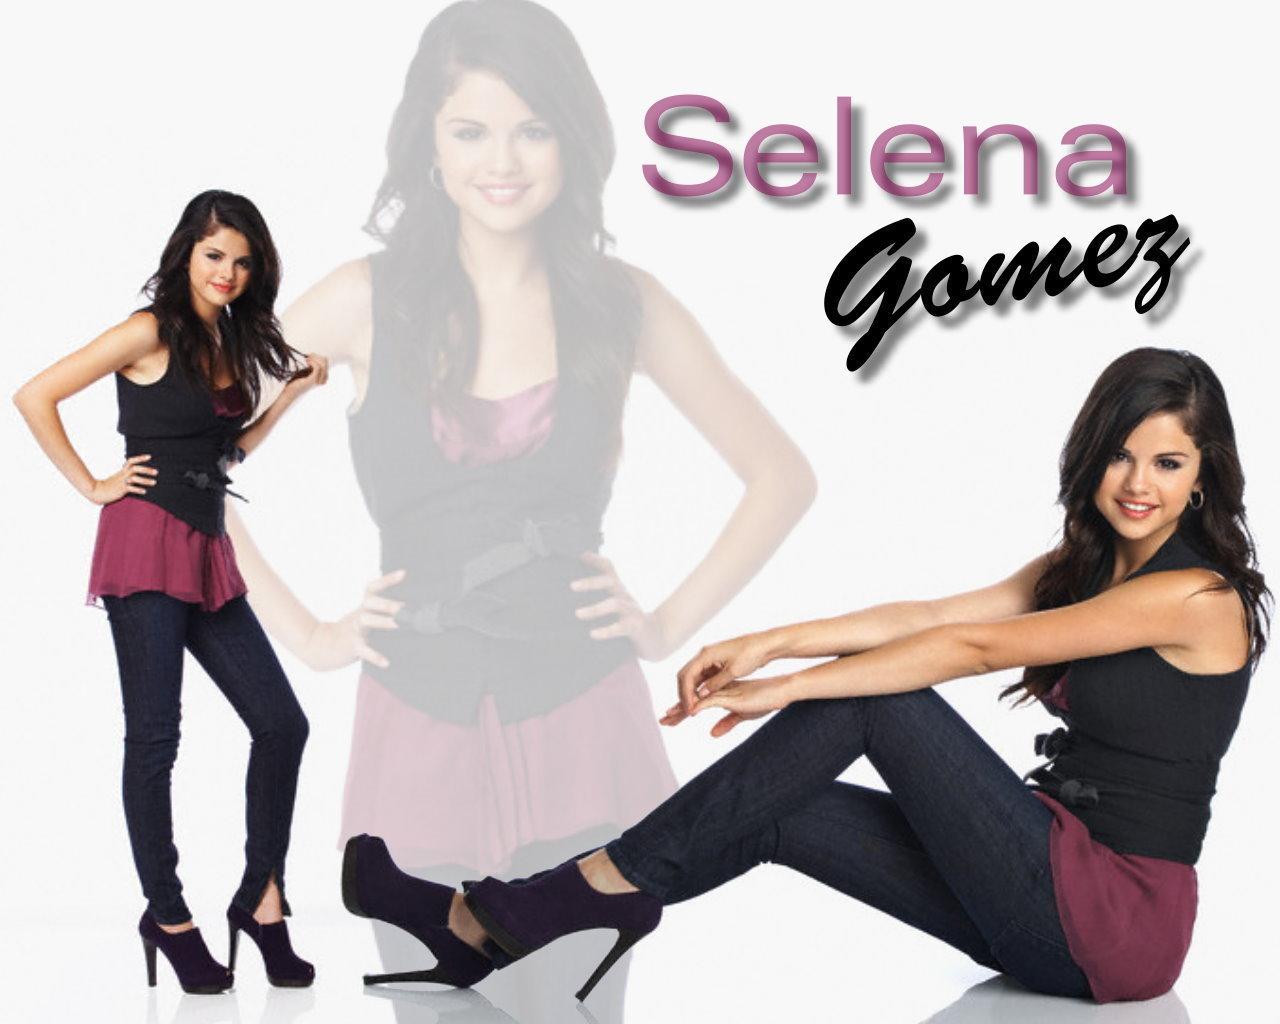 Selena Gomez Name